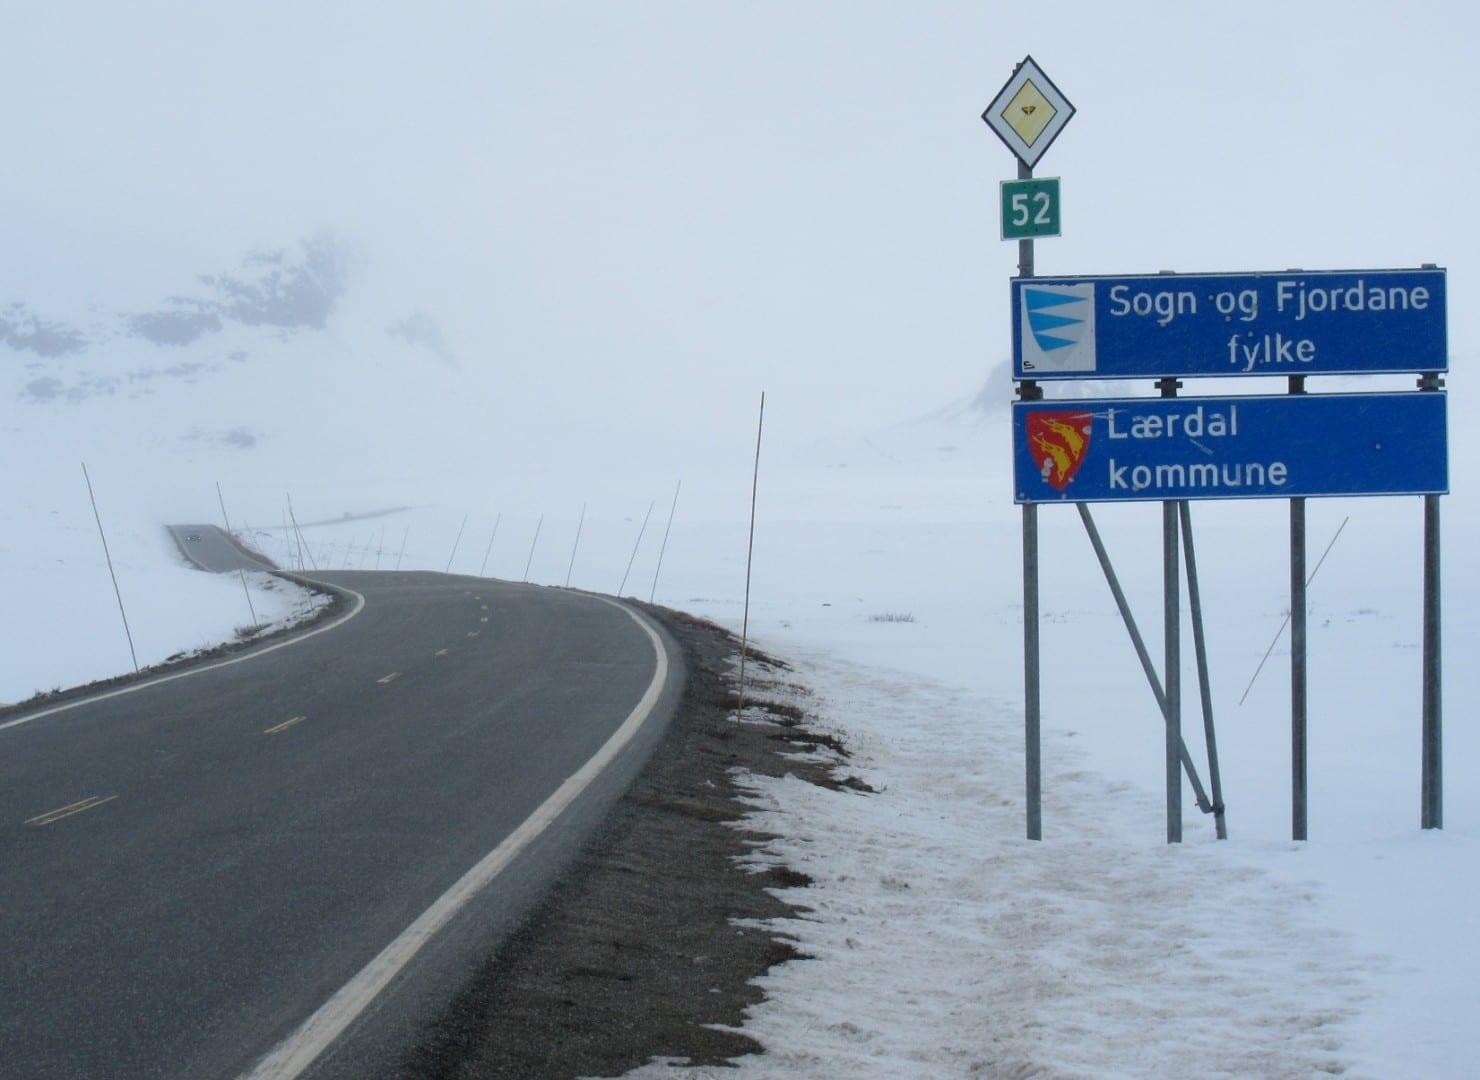 Paso de la montaña Hemsedal en la carretera 52 (finales de abril), línea de condado a Sogn og Fjordane. Hemsedal Noruega